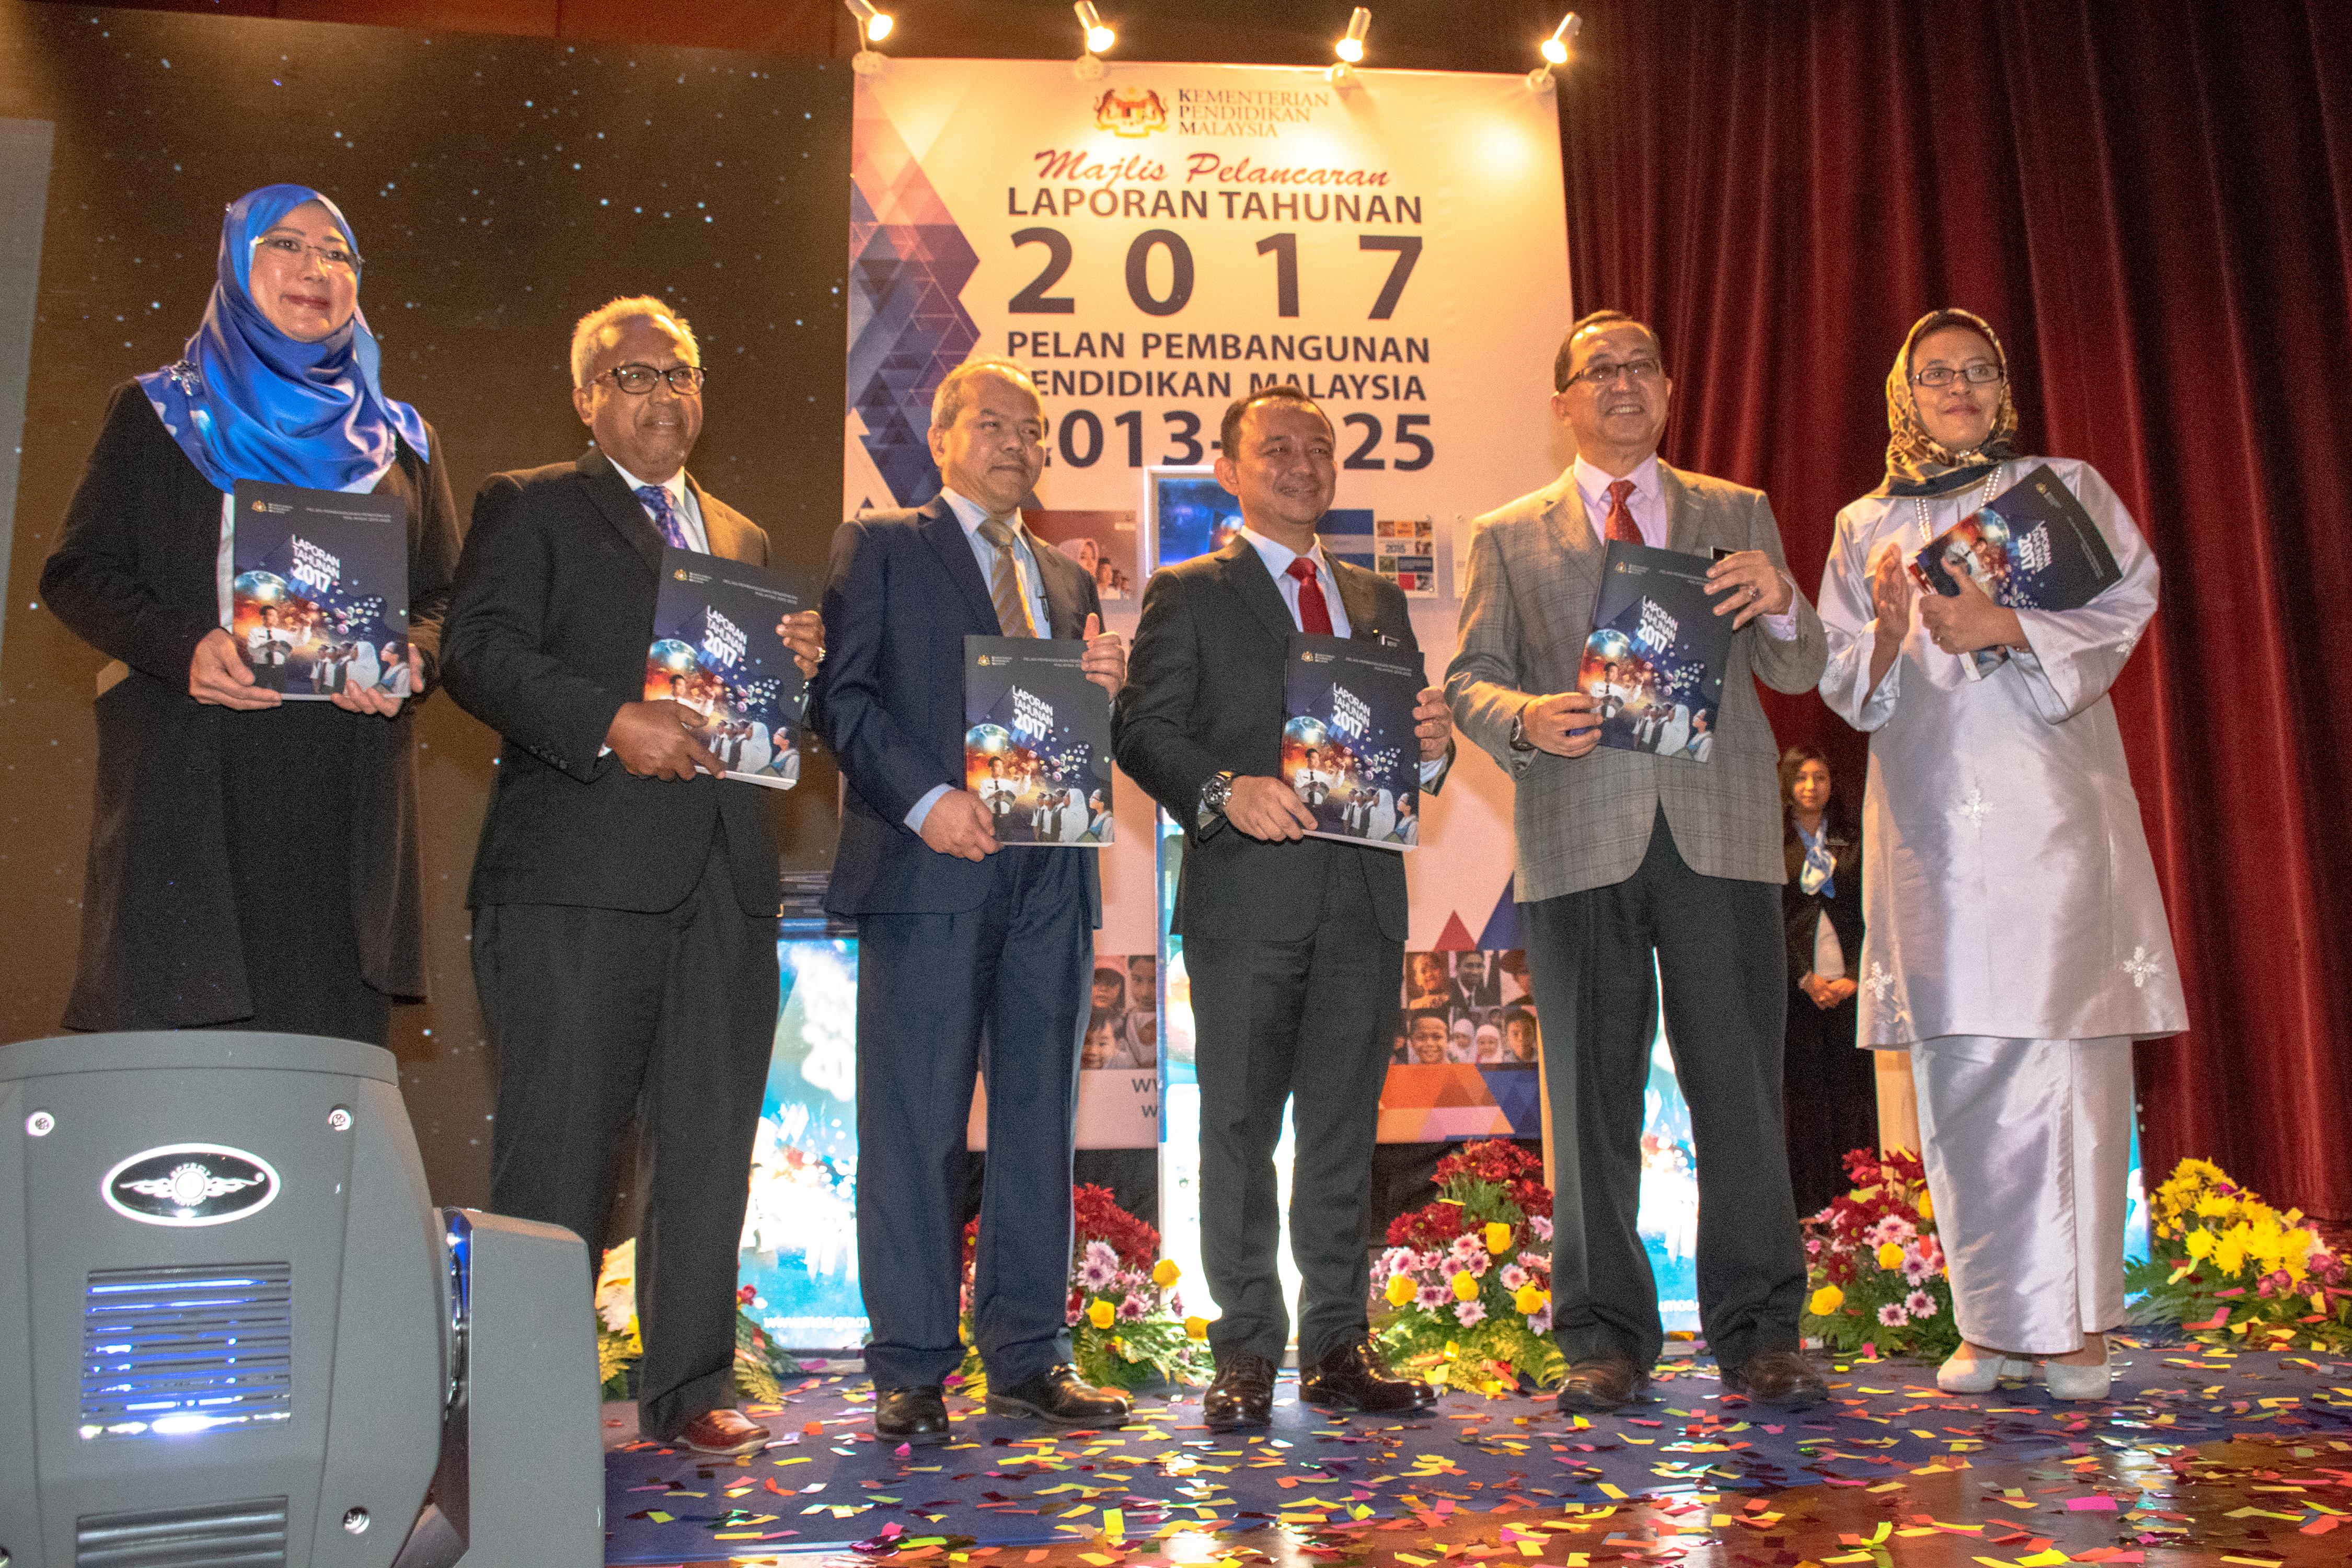 MAJLIS PELANCARAN LAPORAN TAHUNAN 2017 PELAN PEMBANGUNAN PENDIDIKAN MALAYSIA 2013-2025